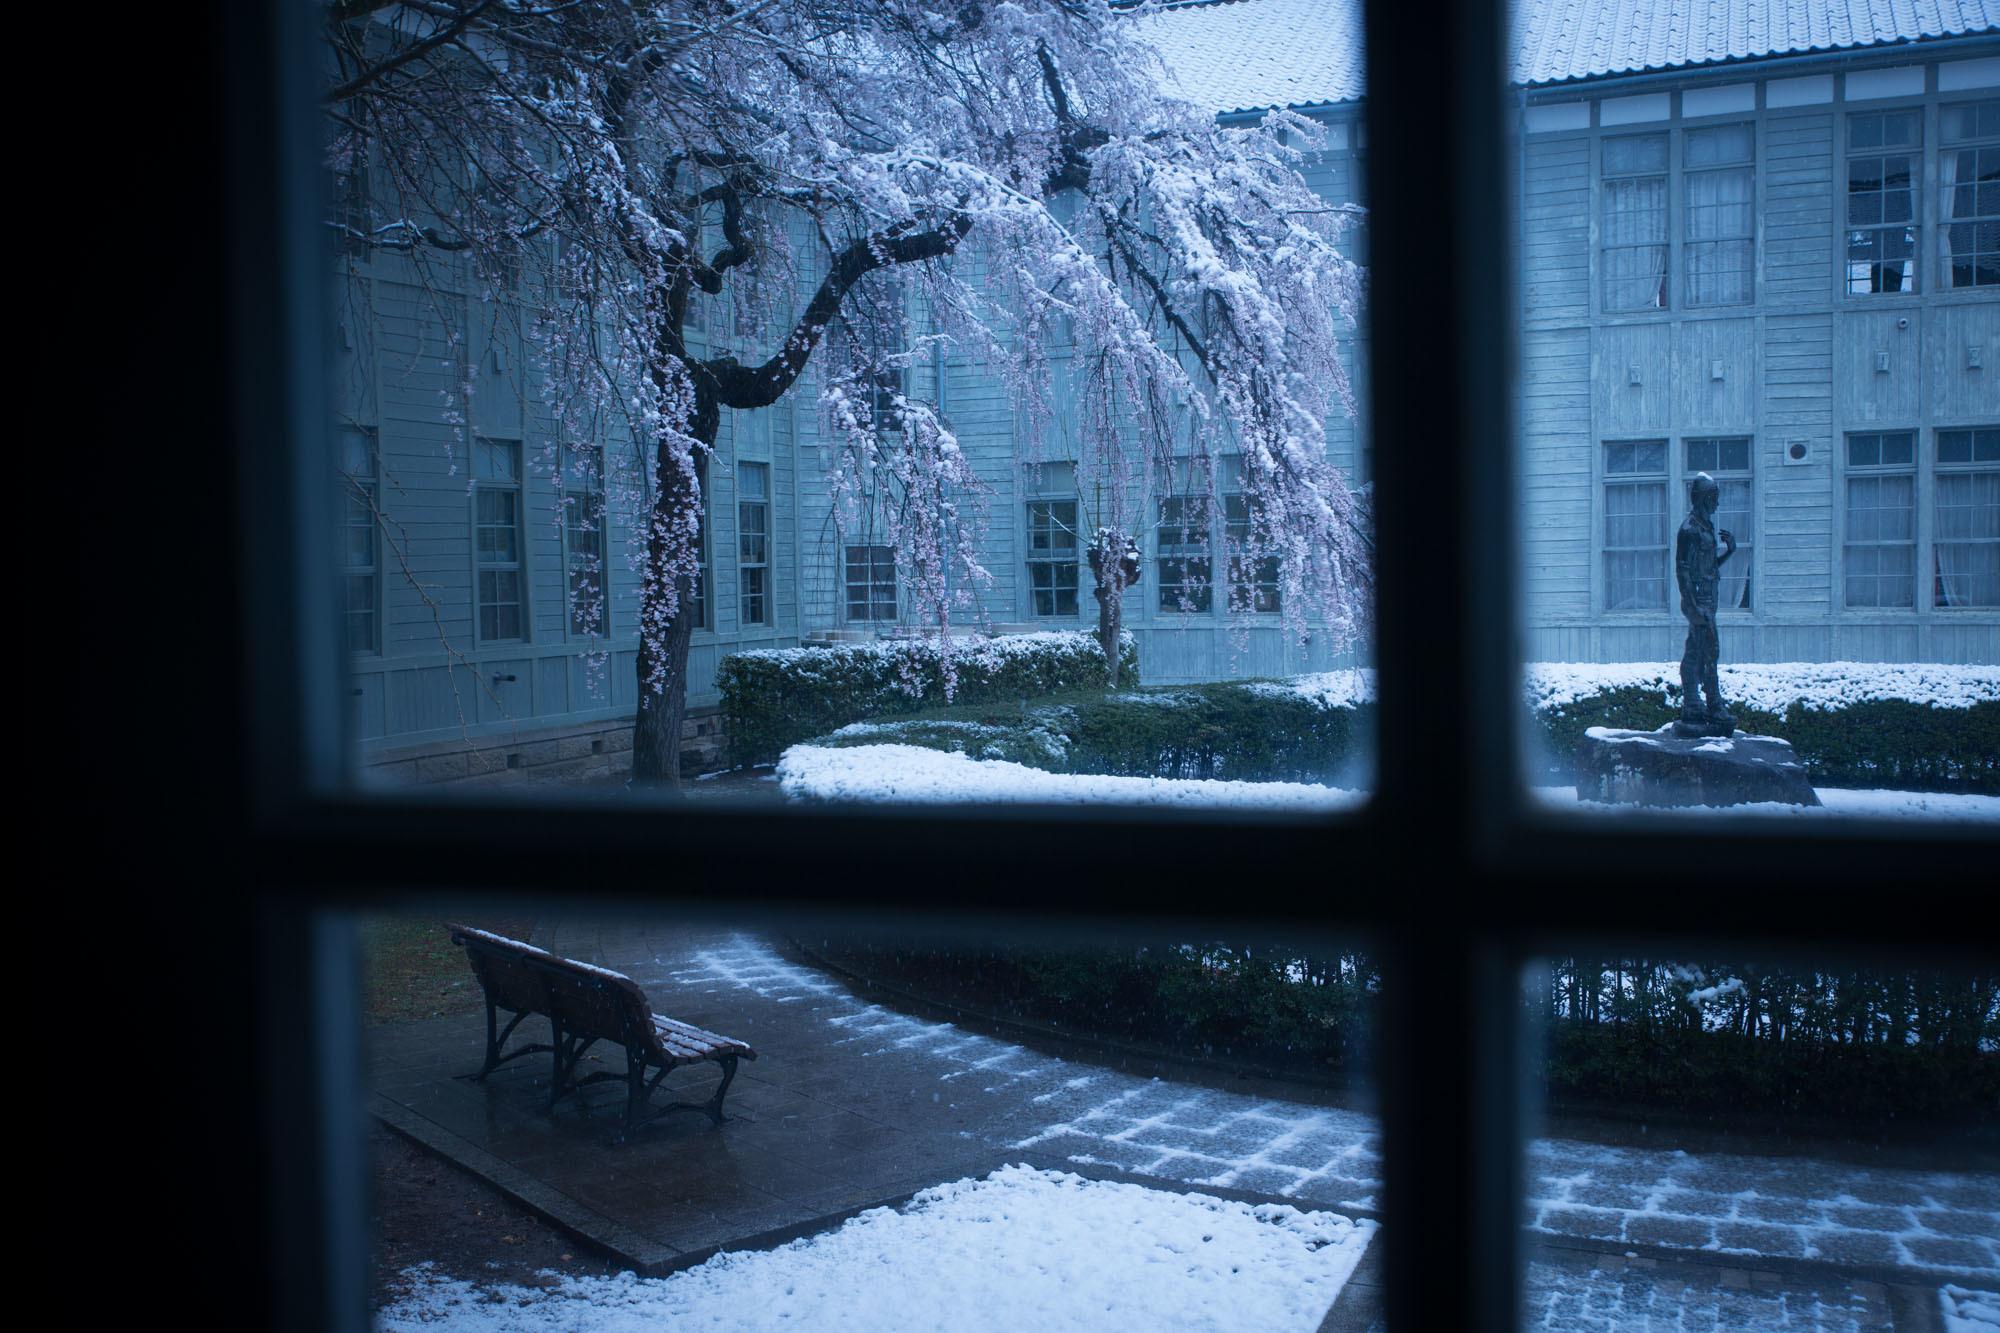 なごり雪の窓辺~あがたの森の枝垂桜~_d0349418_20501737.jpg